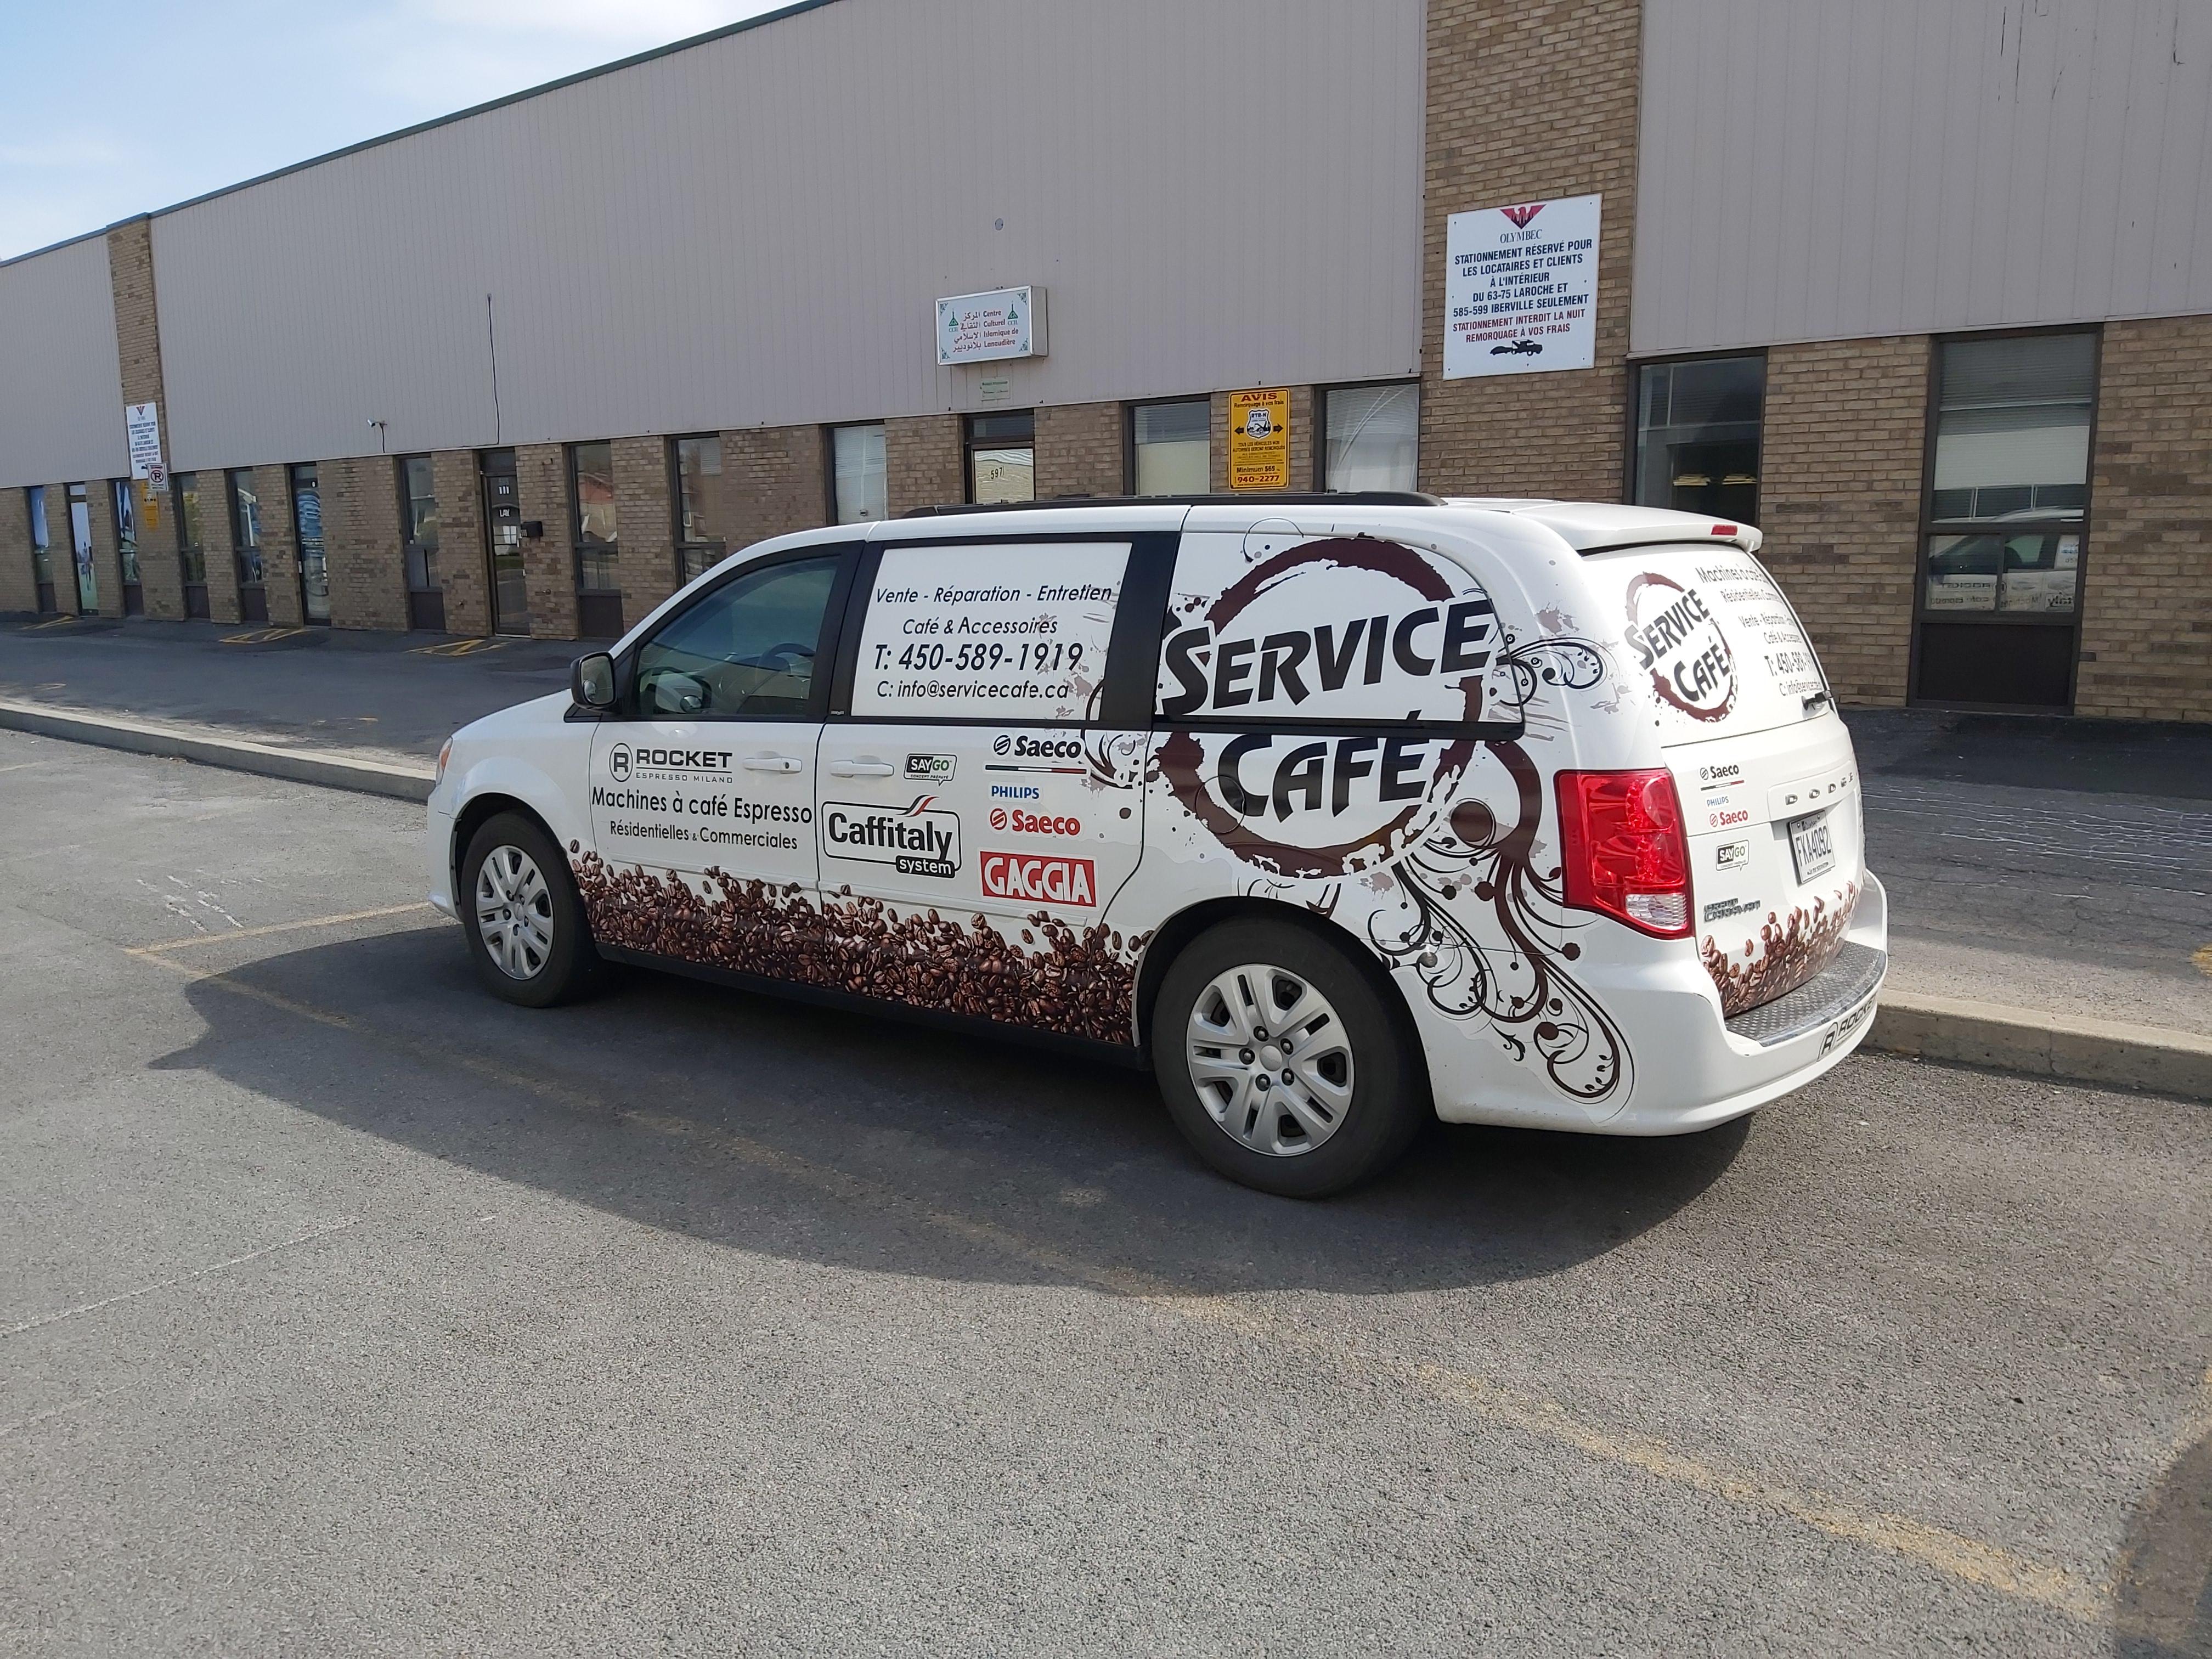 Camion service café